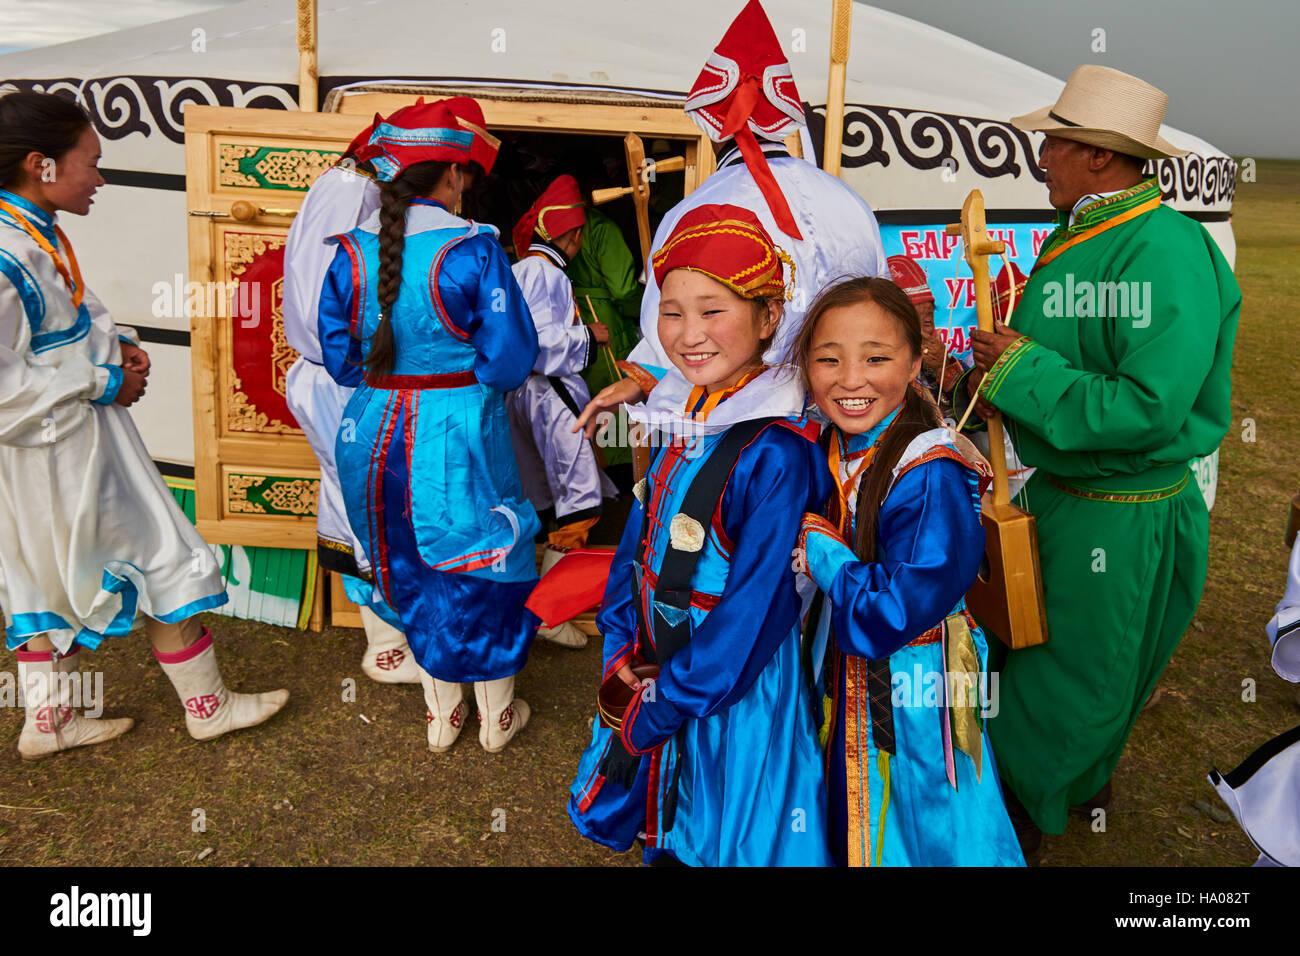 Mongolia, la provincia de Uvs, oeste de Mongolia, los nómadas en la estepa, fiesta de bodas, grupo étnico Imagen De Stock